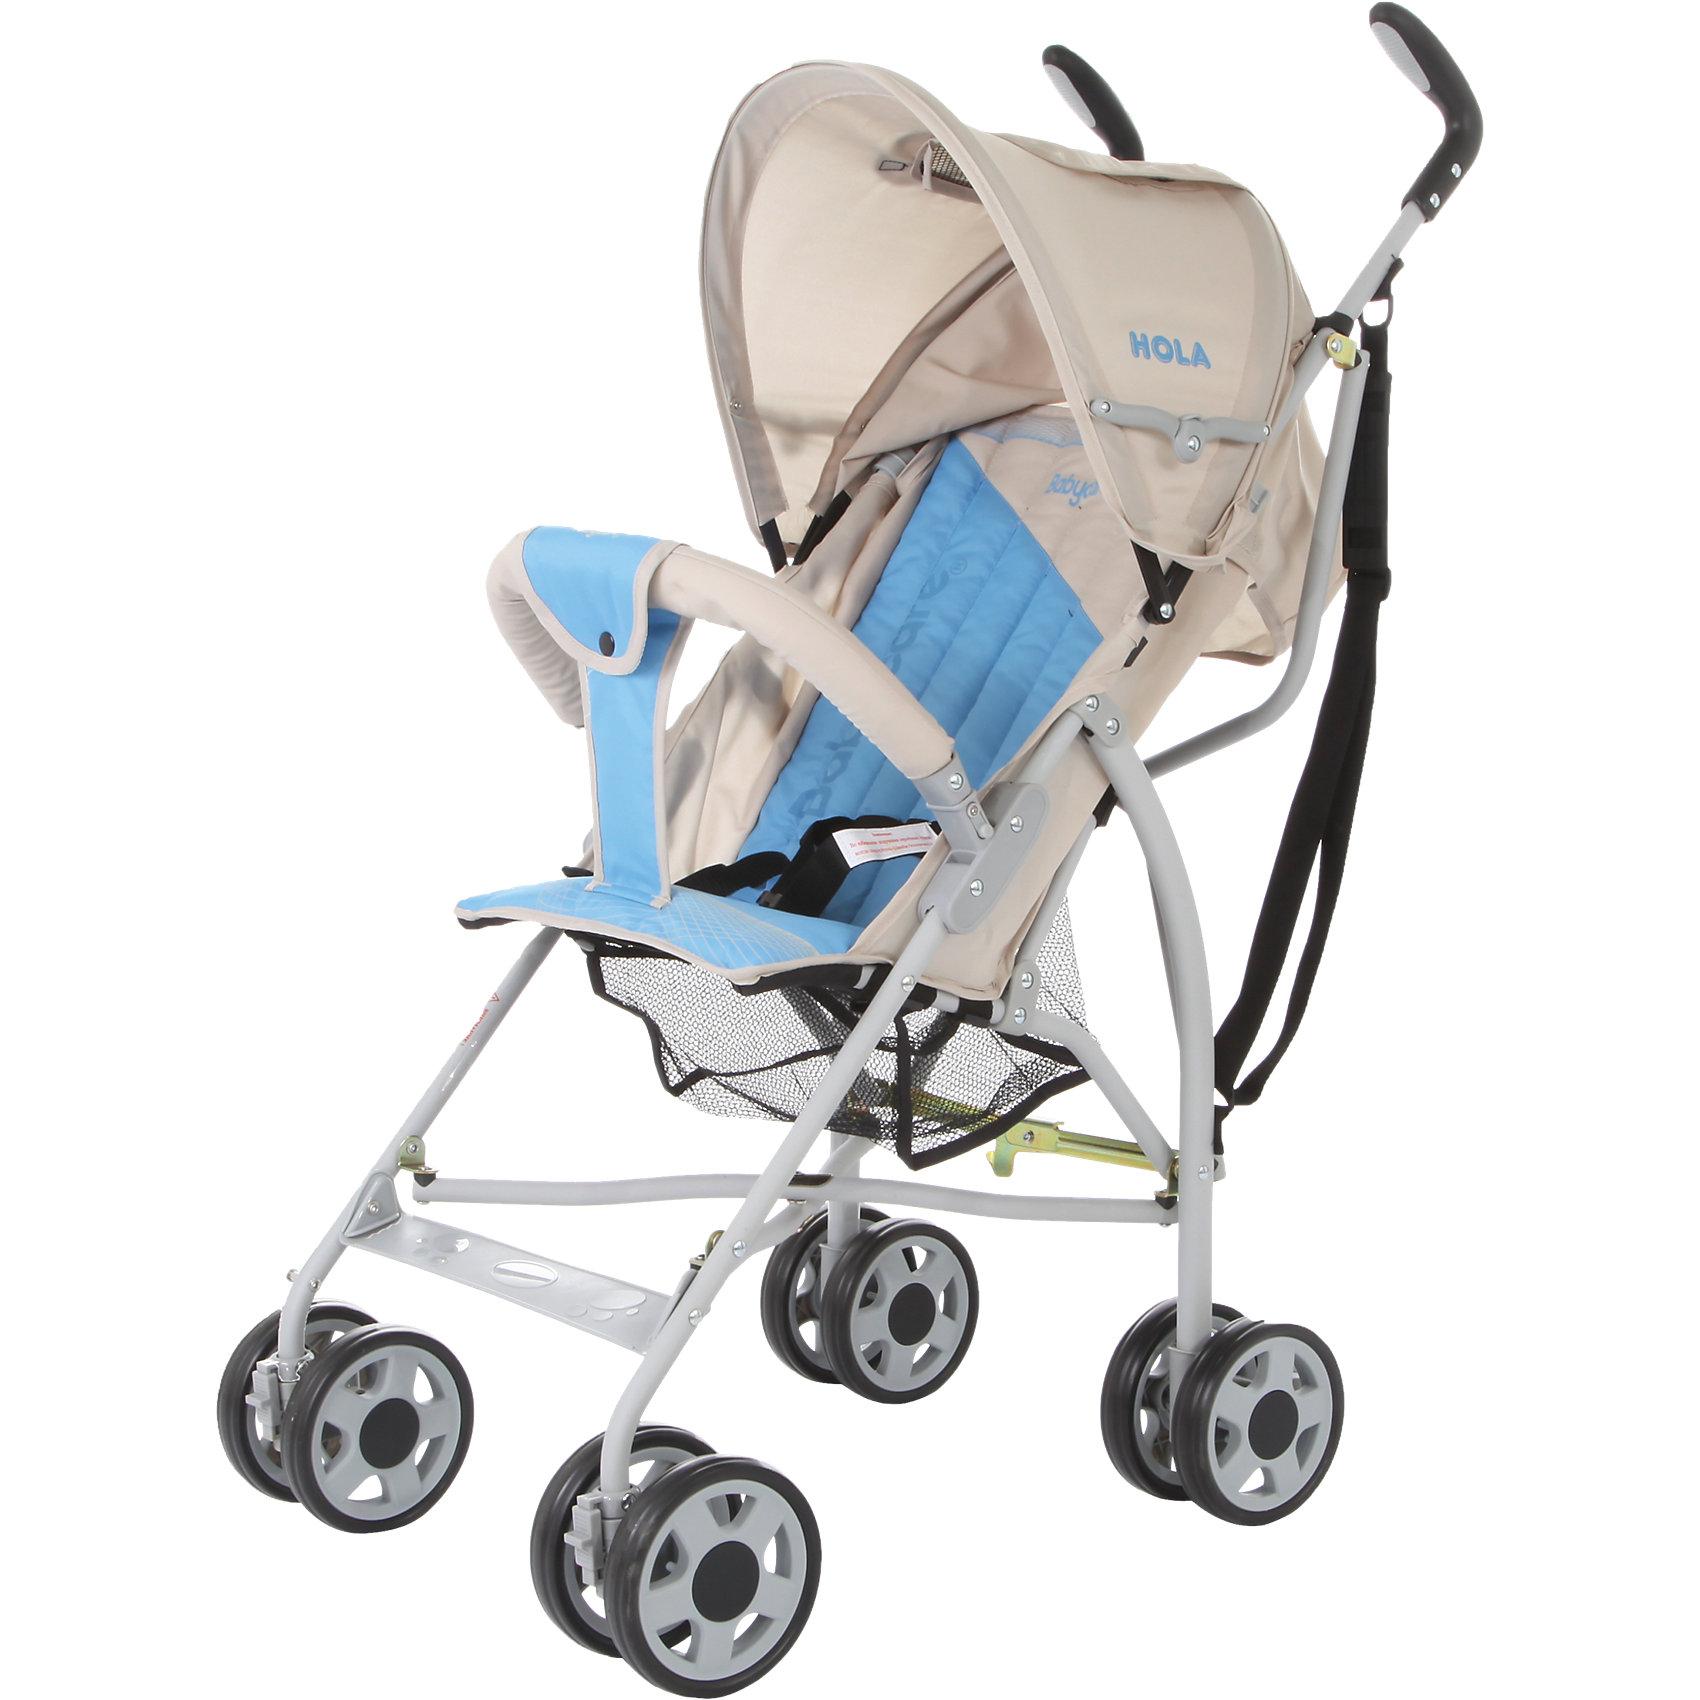 Коляска-трость Baby Care Hola, серый/голубойКоляски-трости<br>Baby Care Hola – супер легкая коляска-трость. Отличный выбор для летних прогулок или поездки на отдых. Коляска очень компактно складывается. Ее можно взять с собой на самолет, она не займет много места в автомобиле.Hola чрезвычайно маневренна. Передние колеса поворотные, но их можно фиксировать для езды по прямой. Для удобства переноски коляска оснащена плечевым ремешком. Основные преимущества коляски – сверхлегкий вес и эргономичность. Ее можно переносить мизинцем. В данной модели сохранен только необходимый функционал. Спинка может раскладываться в двух положениях, а капюшон, несмотря на небольшой размер, хорошо защищает от ультрафиолета и легких осадков. Колеса выполнены из мягкой вспененной резины (пеноплена) и прекрасно гасят вибрации.<br><br>Дополнительная информация:<br><br>Размеры в сложенном виде - 24x87x23 см<br>Размеры упаковки - 107x25x30 см<br>Ширина колесной базы - 45 см.<br>Размеры: ширина сидения – 30 см, глубина сидения – 21 см, высота спинки - 43 см, высота сидения от пола - 35 см, длина спального места – 65 см.<br>Вес: 5,1 кг<br>Диаметр колес: 13 см<br><br>Коляску-трость Hola, Baby Care, цвет серый/голубой можно купить в нашем магазине.<br><br>Ширина мм: 1070<br>Глубина мм: 250<br>Высота мм: 300<br>Вес г: 6000<br>Возраст от месяцев: 6<br>Возраст до месяцев: 36<br>Пол: Унисекс<br>Возраст: Детский<br>SKU: 4083352